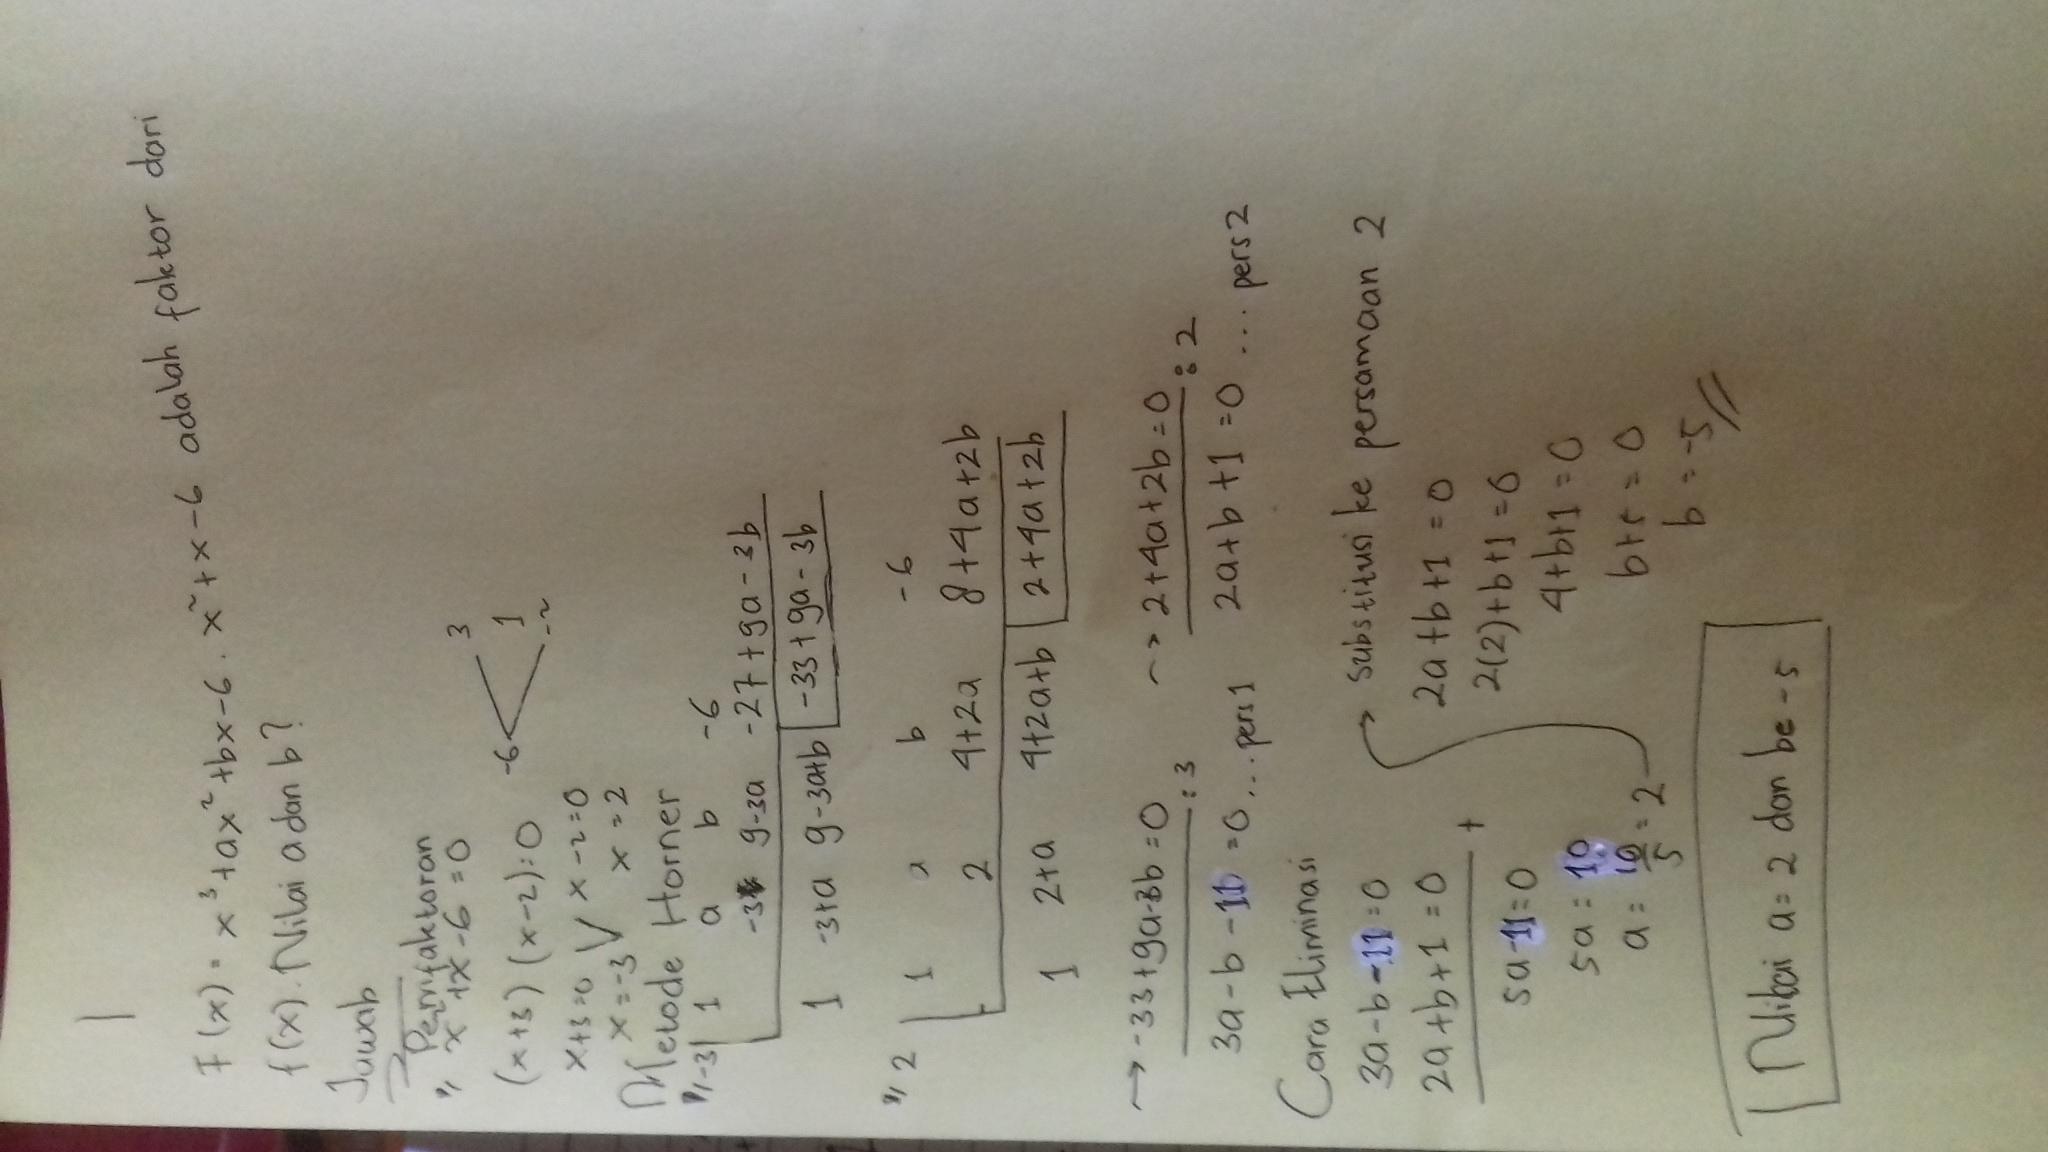 f(x)=x^3+ax^2+bx-6.x^2+x-6 adalah faktor dari f(x ...